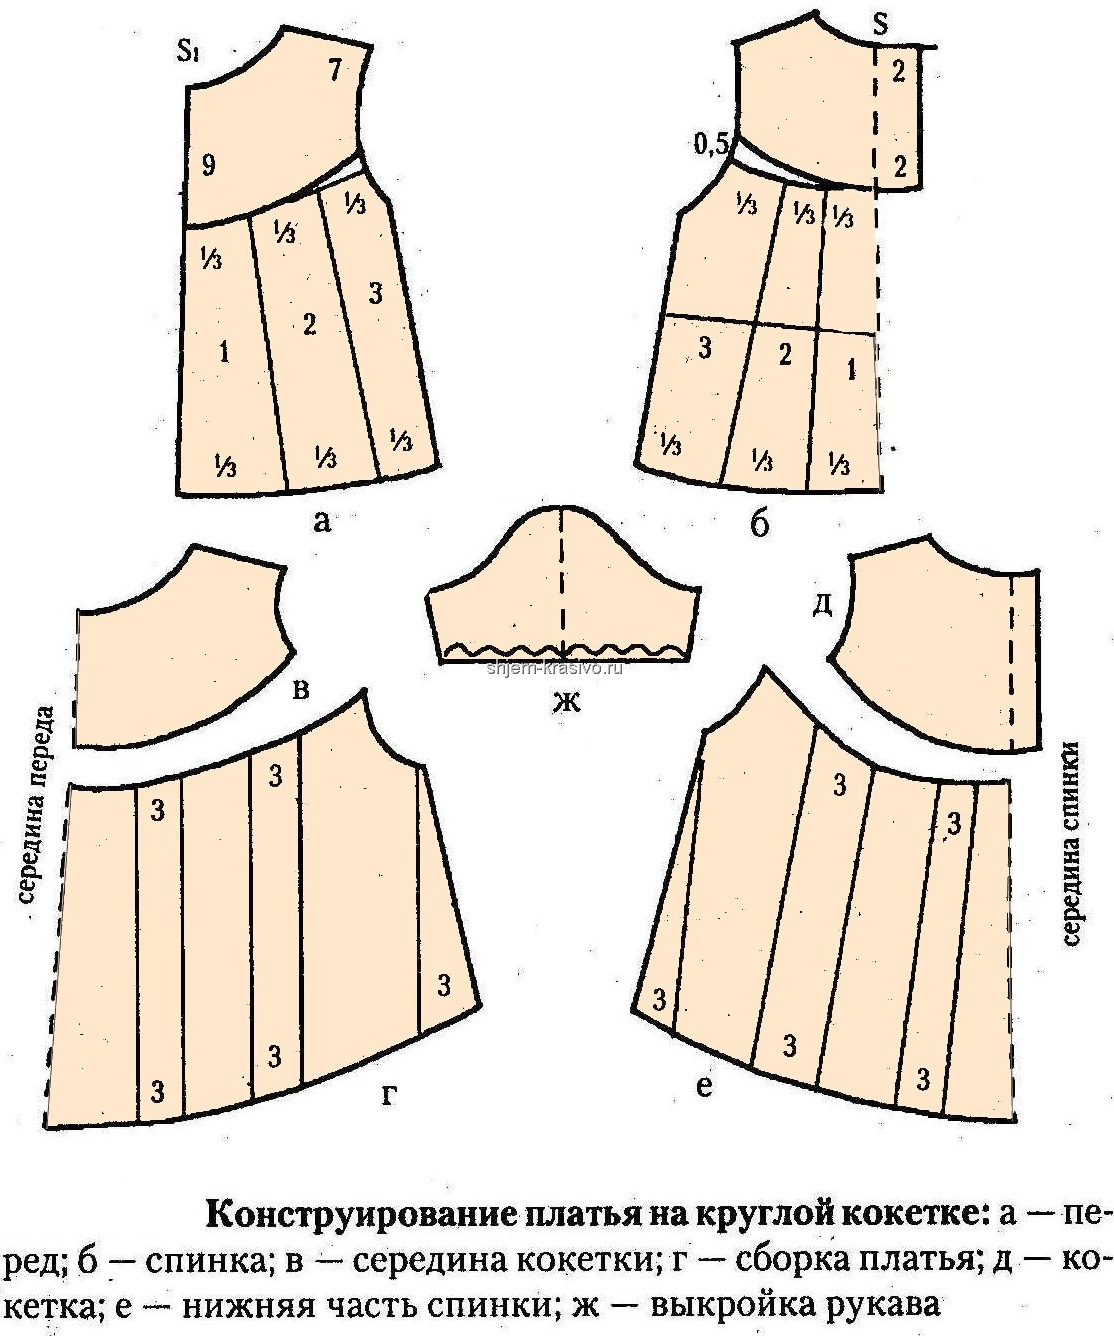 Конструирование платья на кокетке